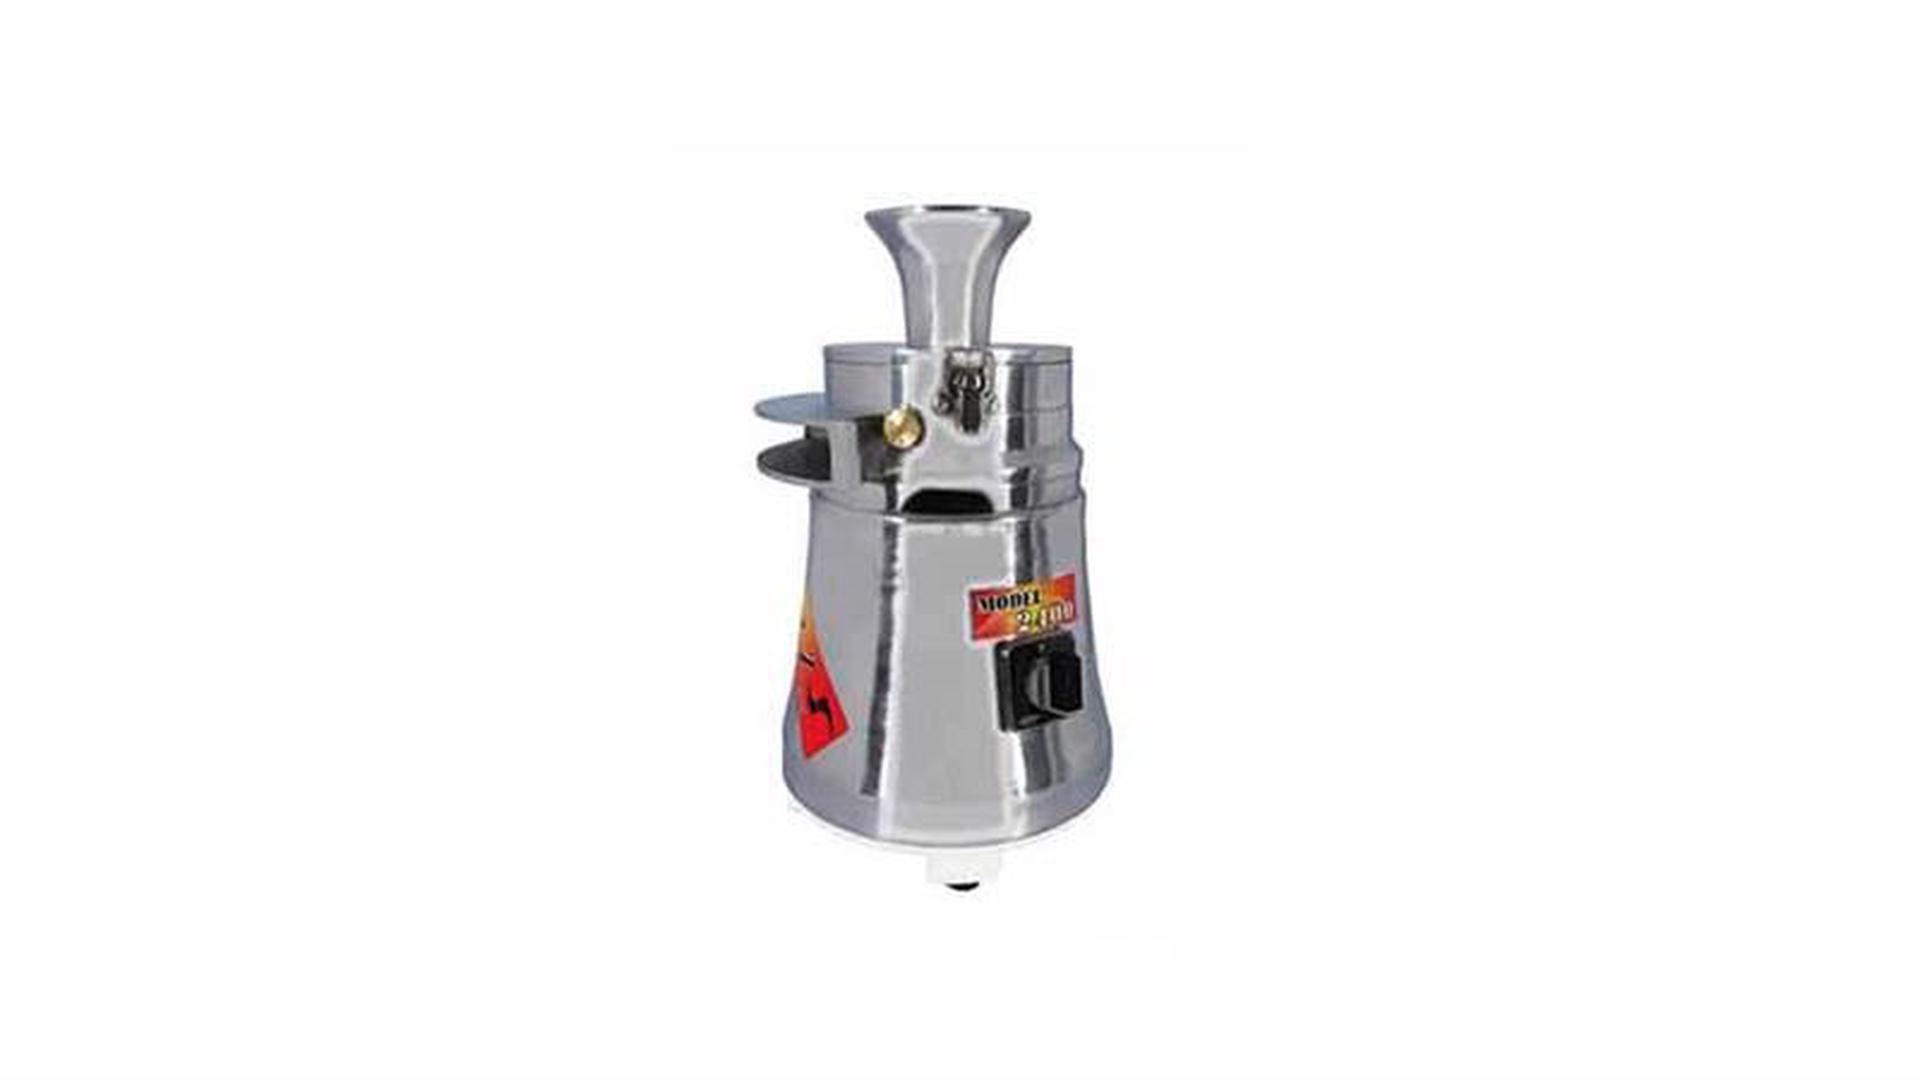 دستگاه آسیاب عطاری نیمه صنعتی استیل مدل ۲۴۰۰ دوبل